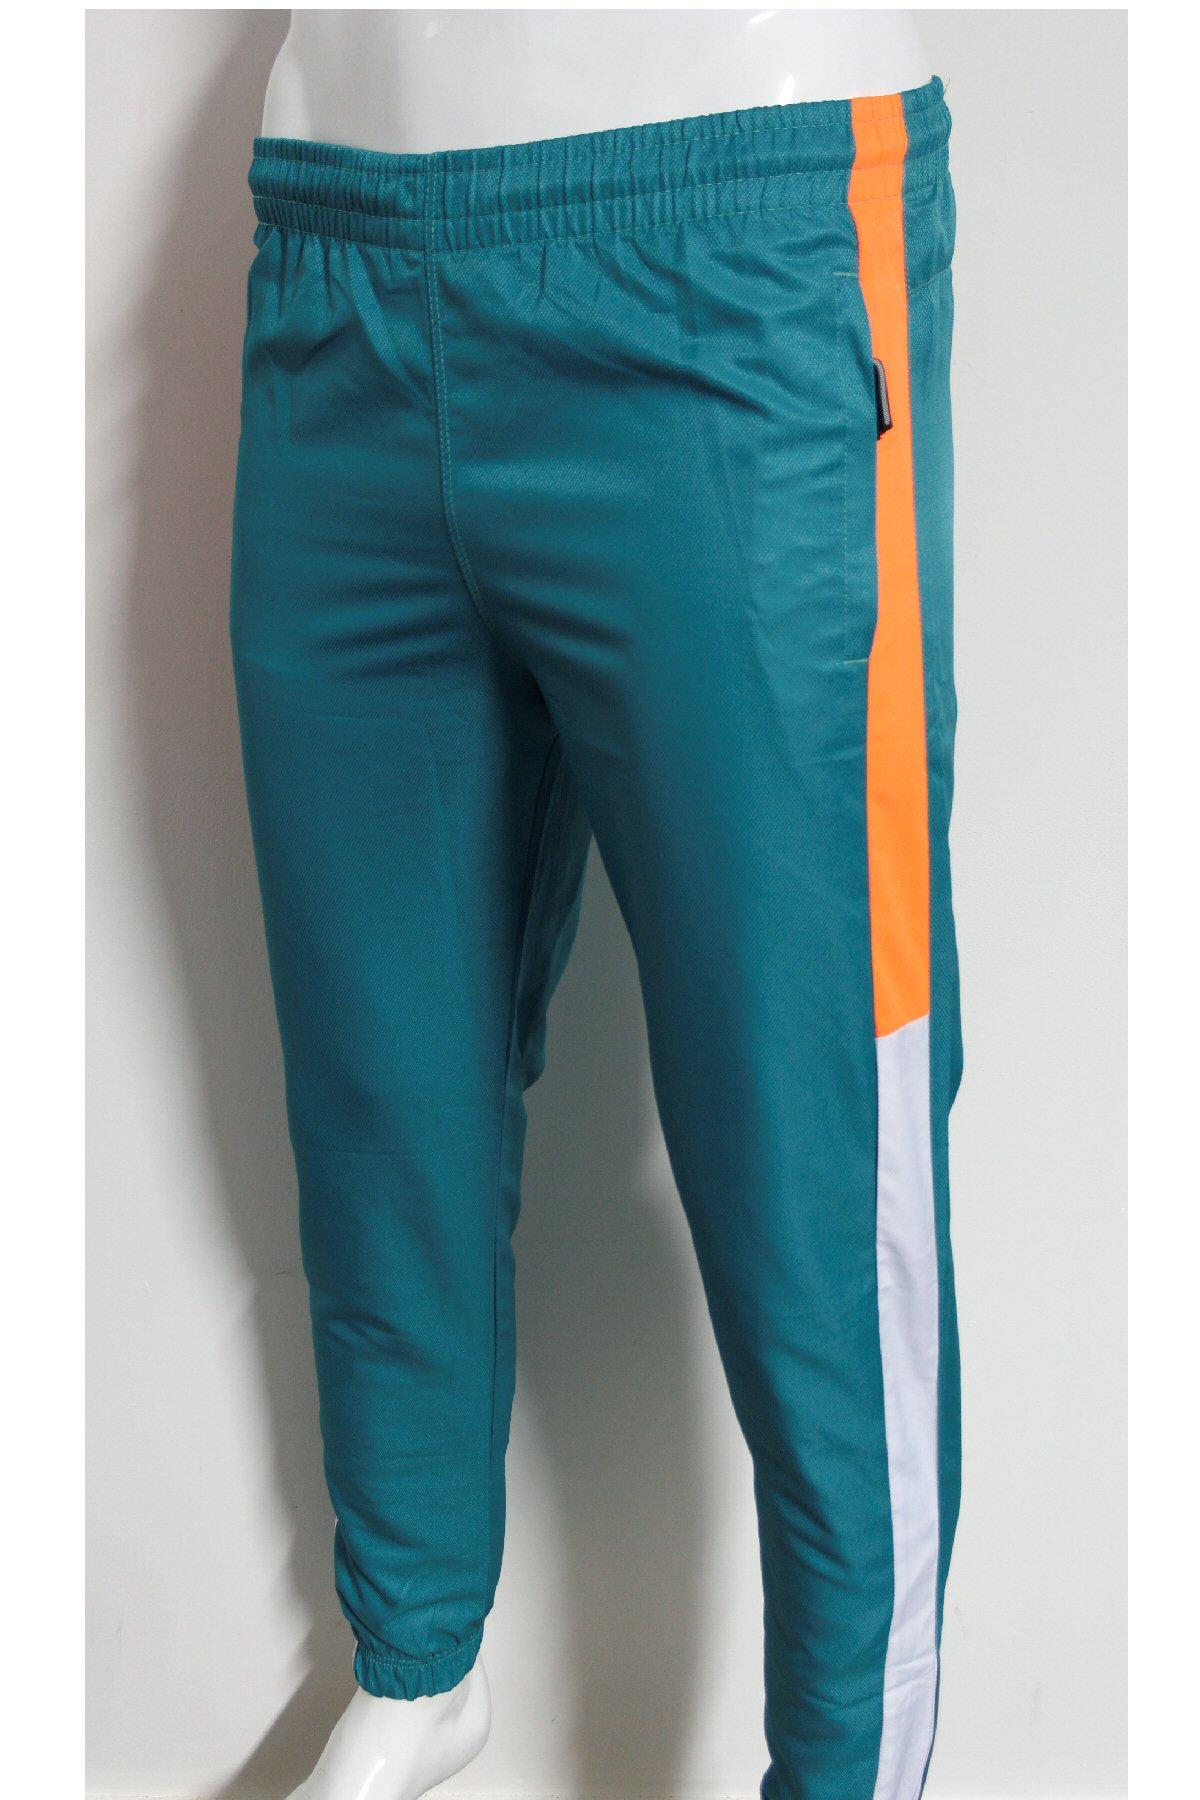 Pantalons Homme Vert KAYENNE ERG-JOG #c eFashion Paris